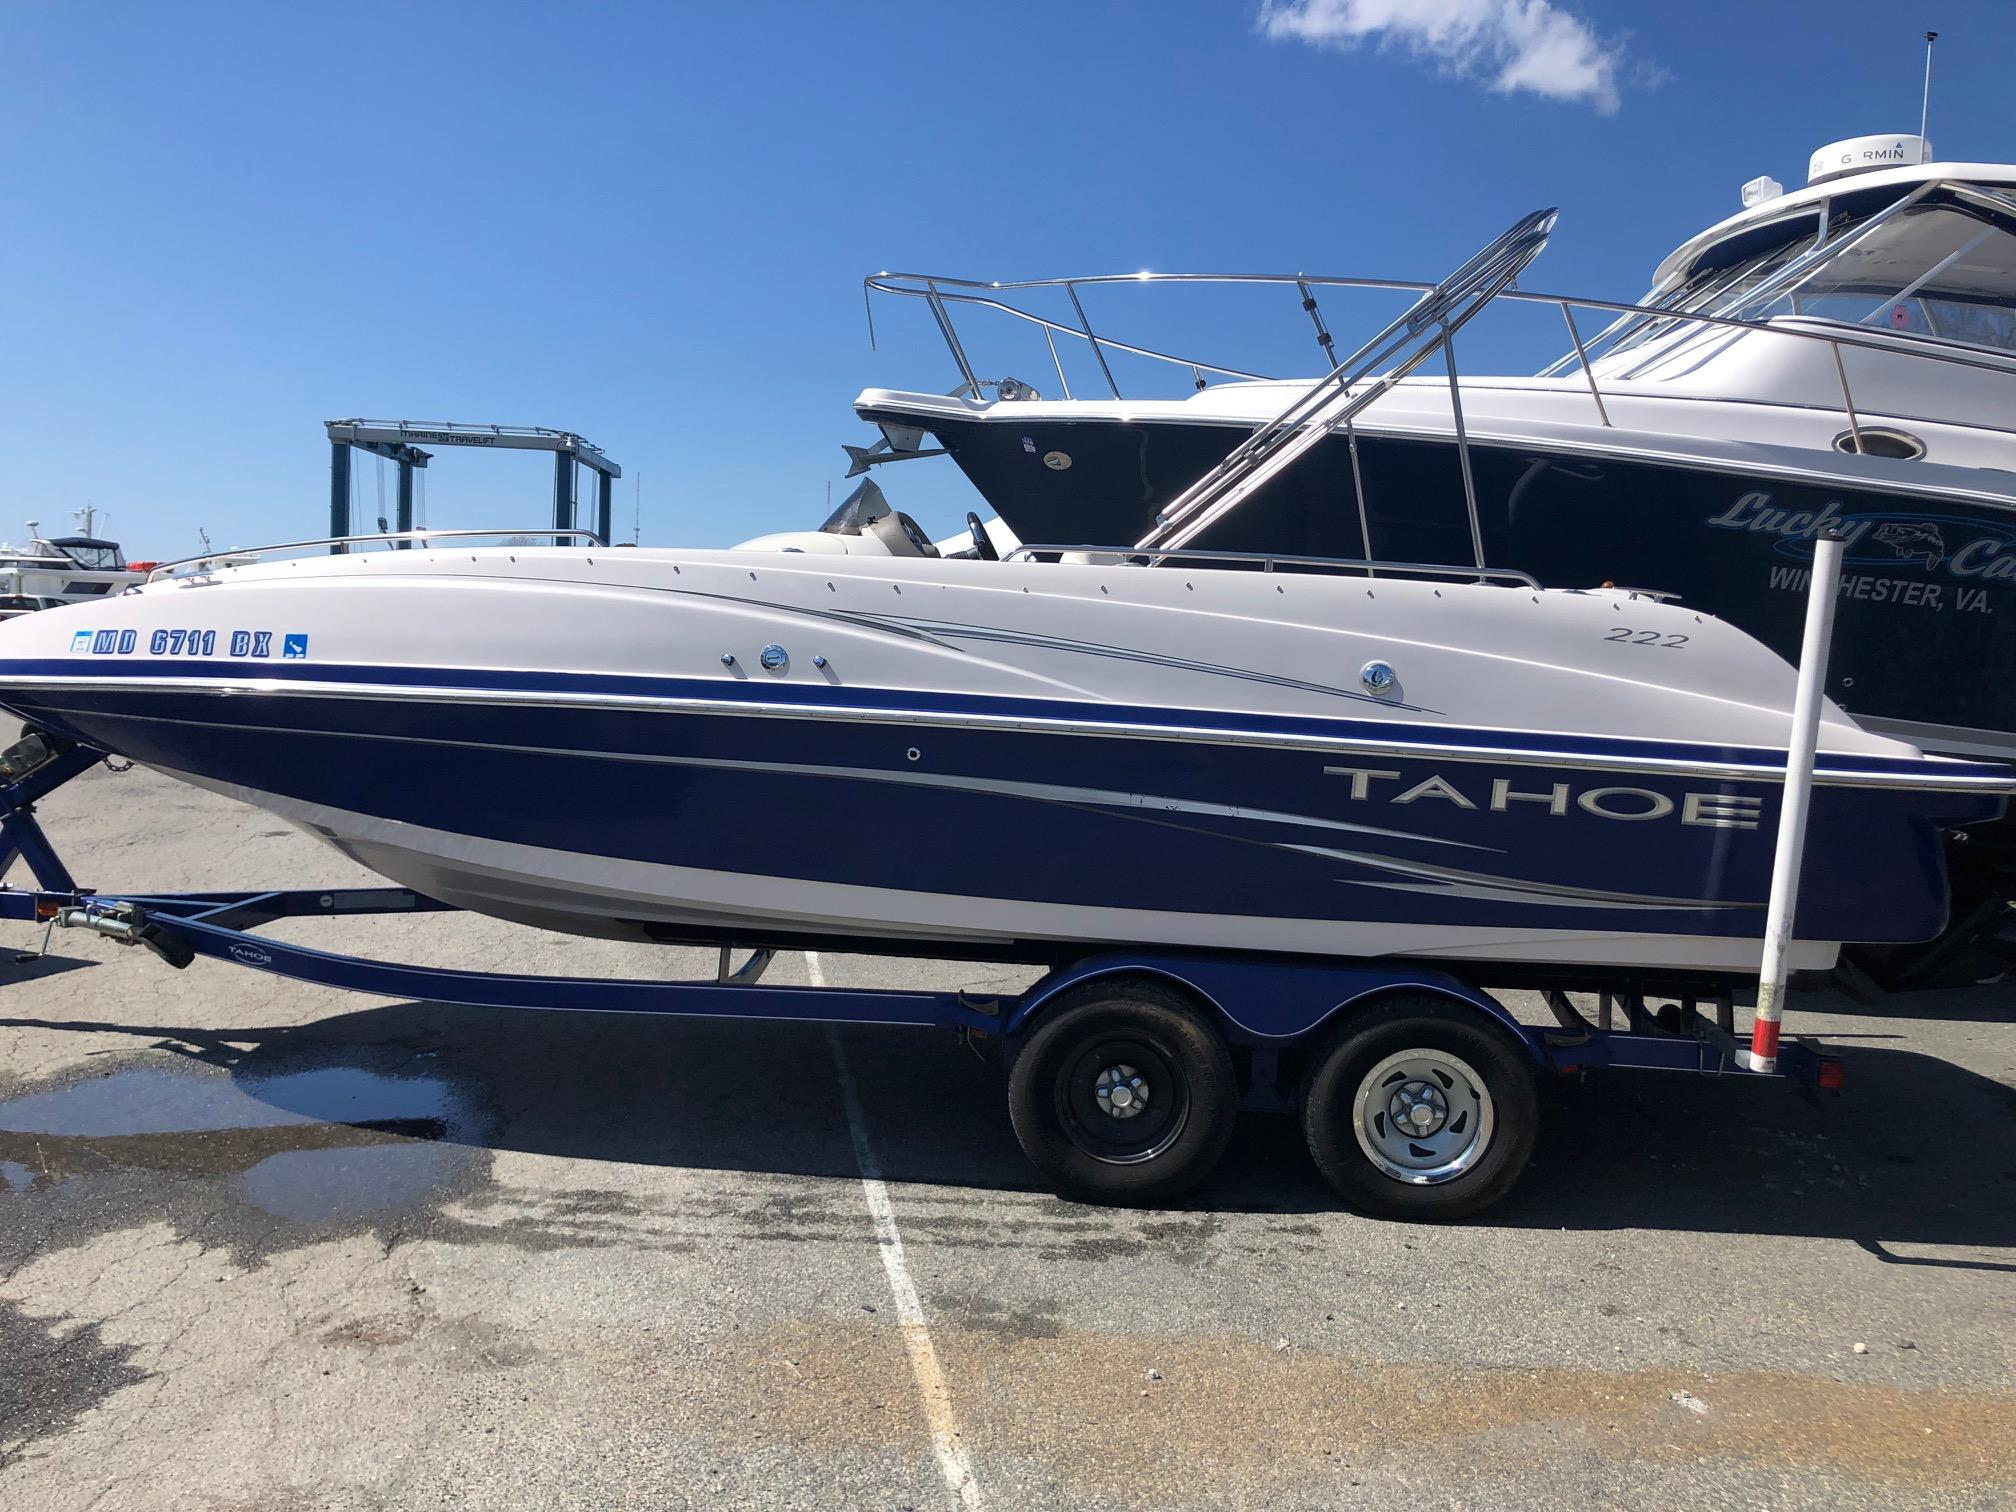 M 6012 WT Knot 10 Yacht Sales